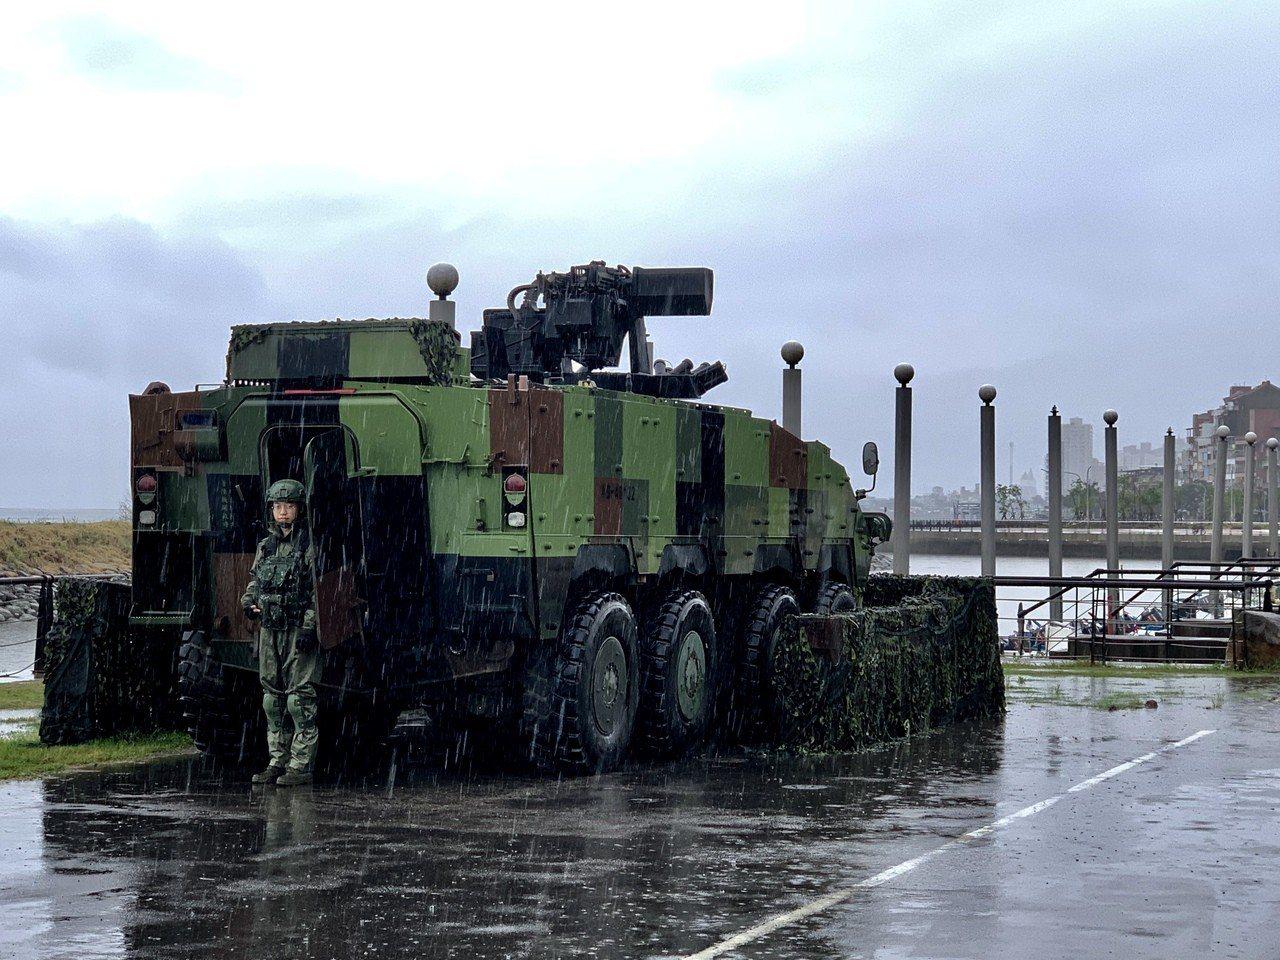 陸軍關指部雲豹裝甲車今天推進到淡水捷運站及漁人碼頭。記者洪哲政/攝影